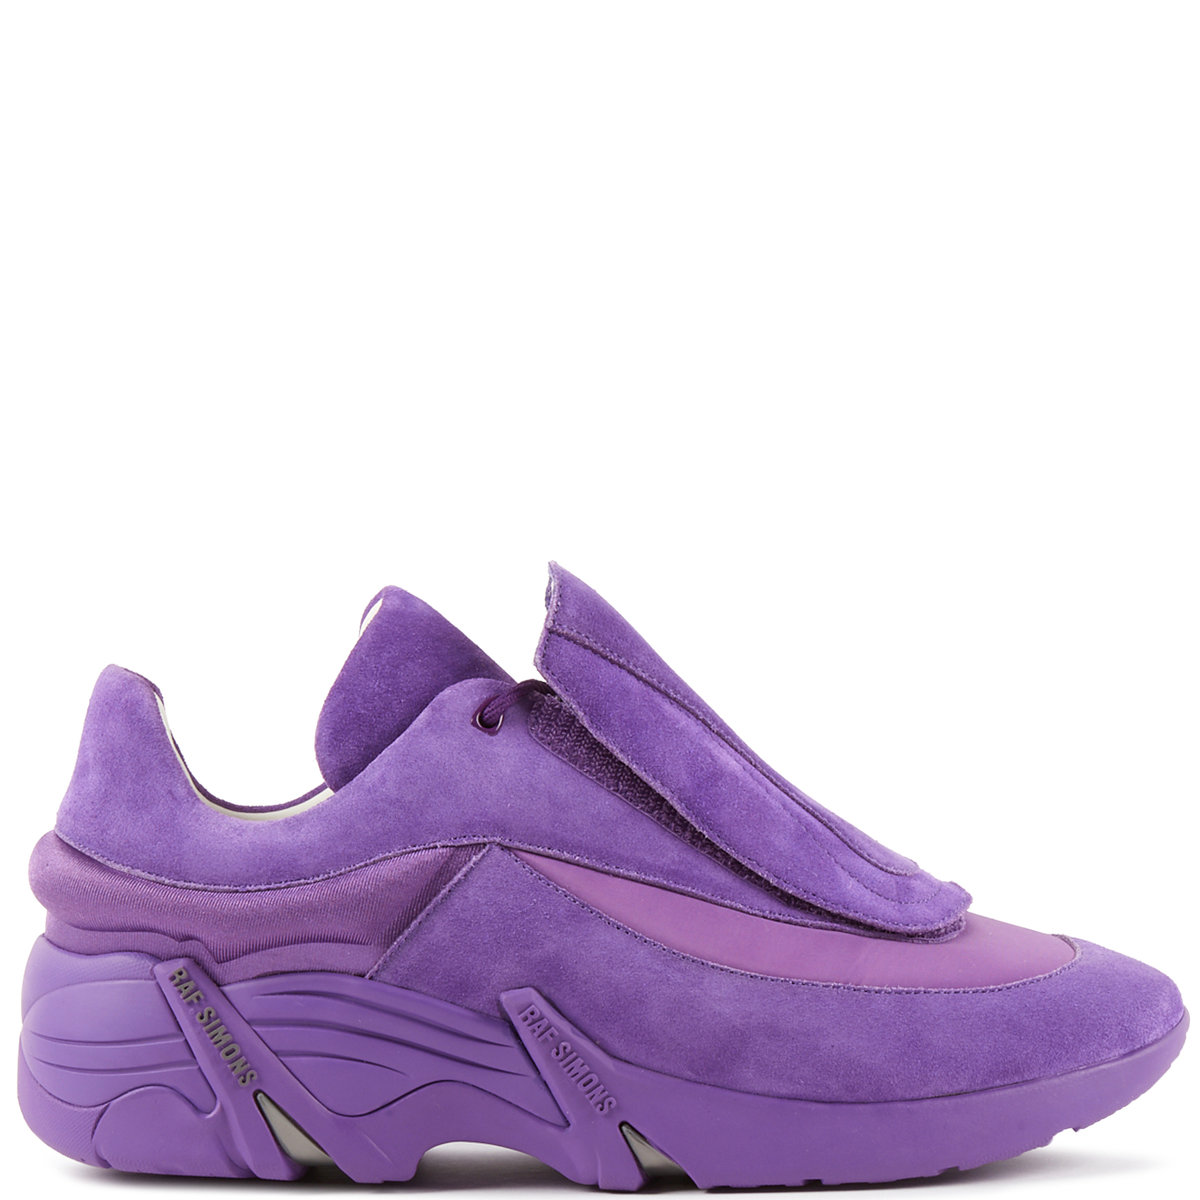 Raf Simons (RUNNER) Antei Purple